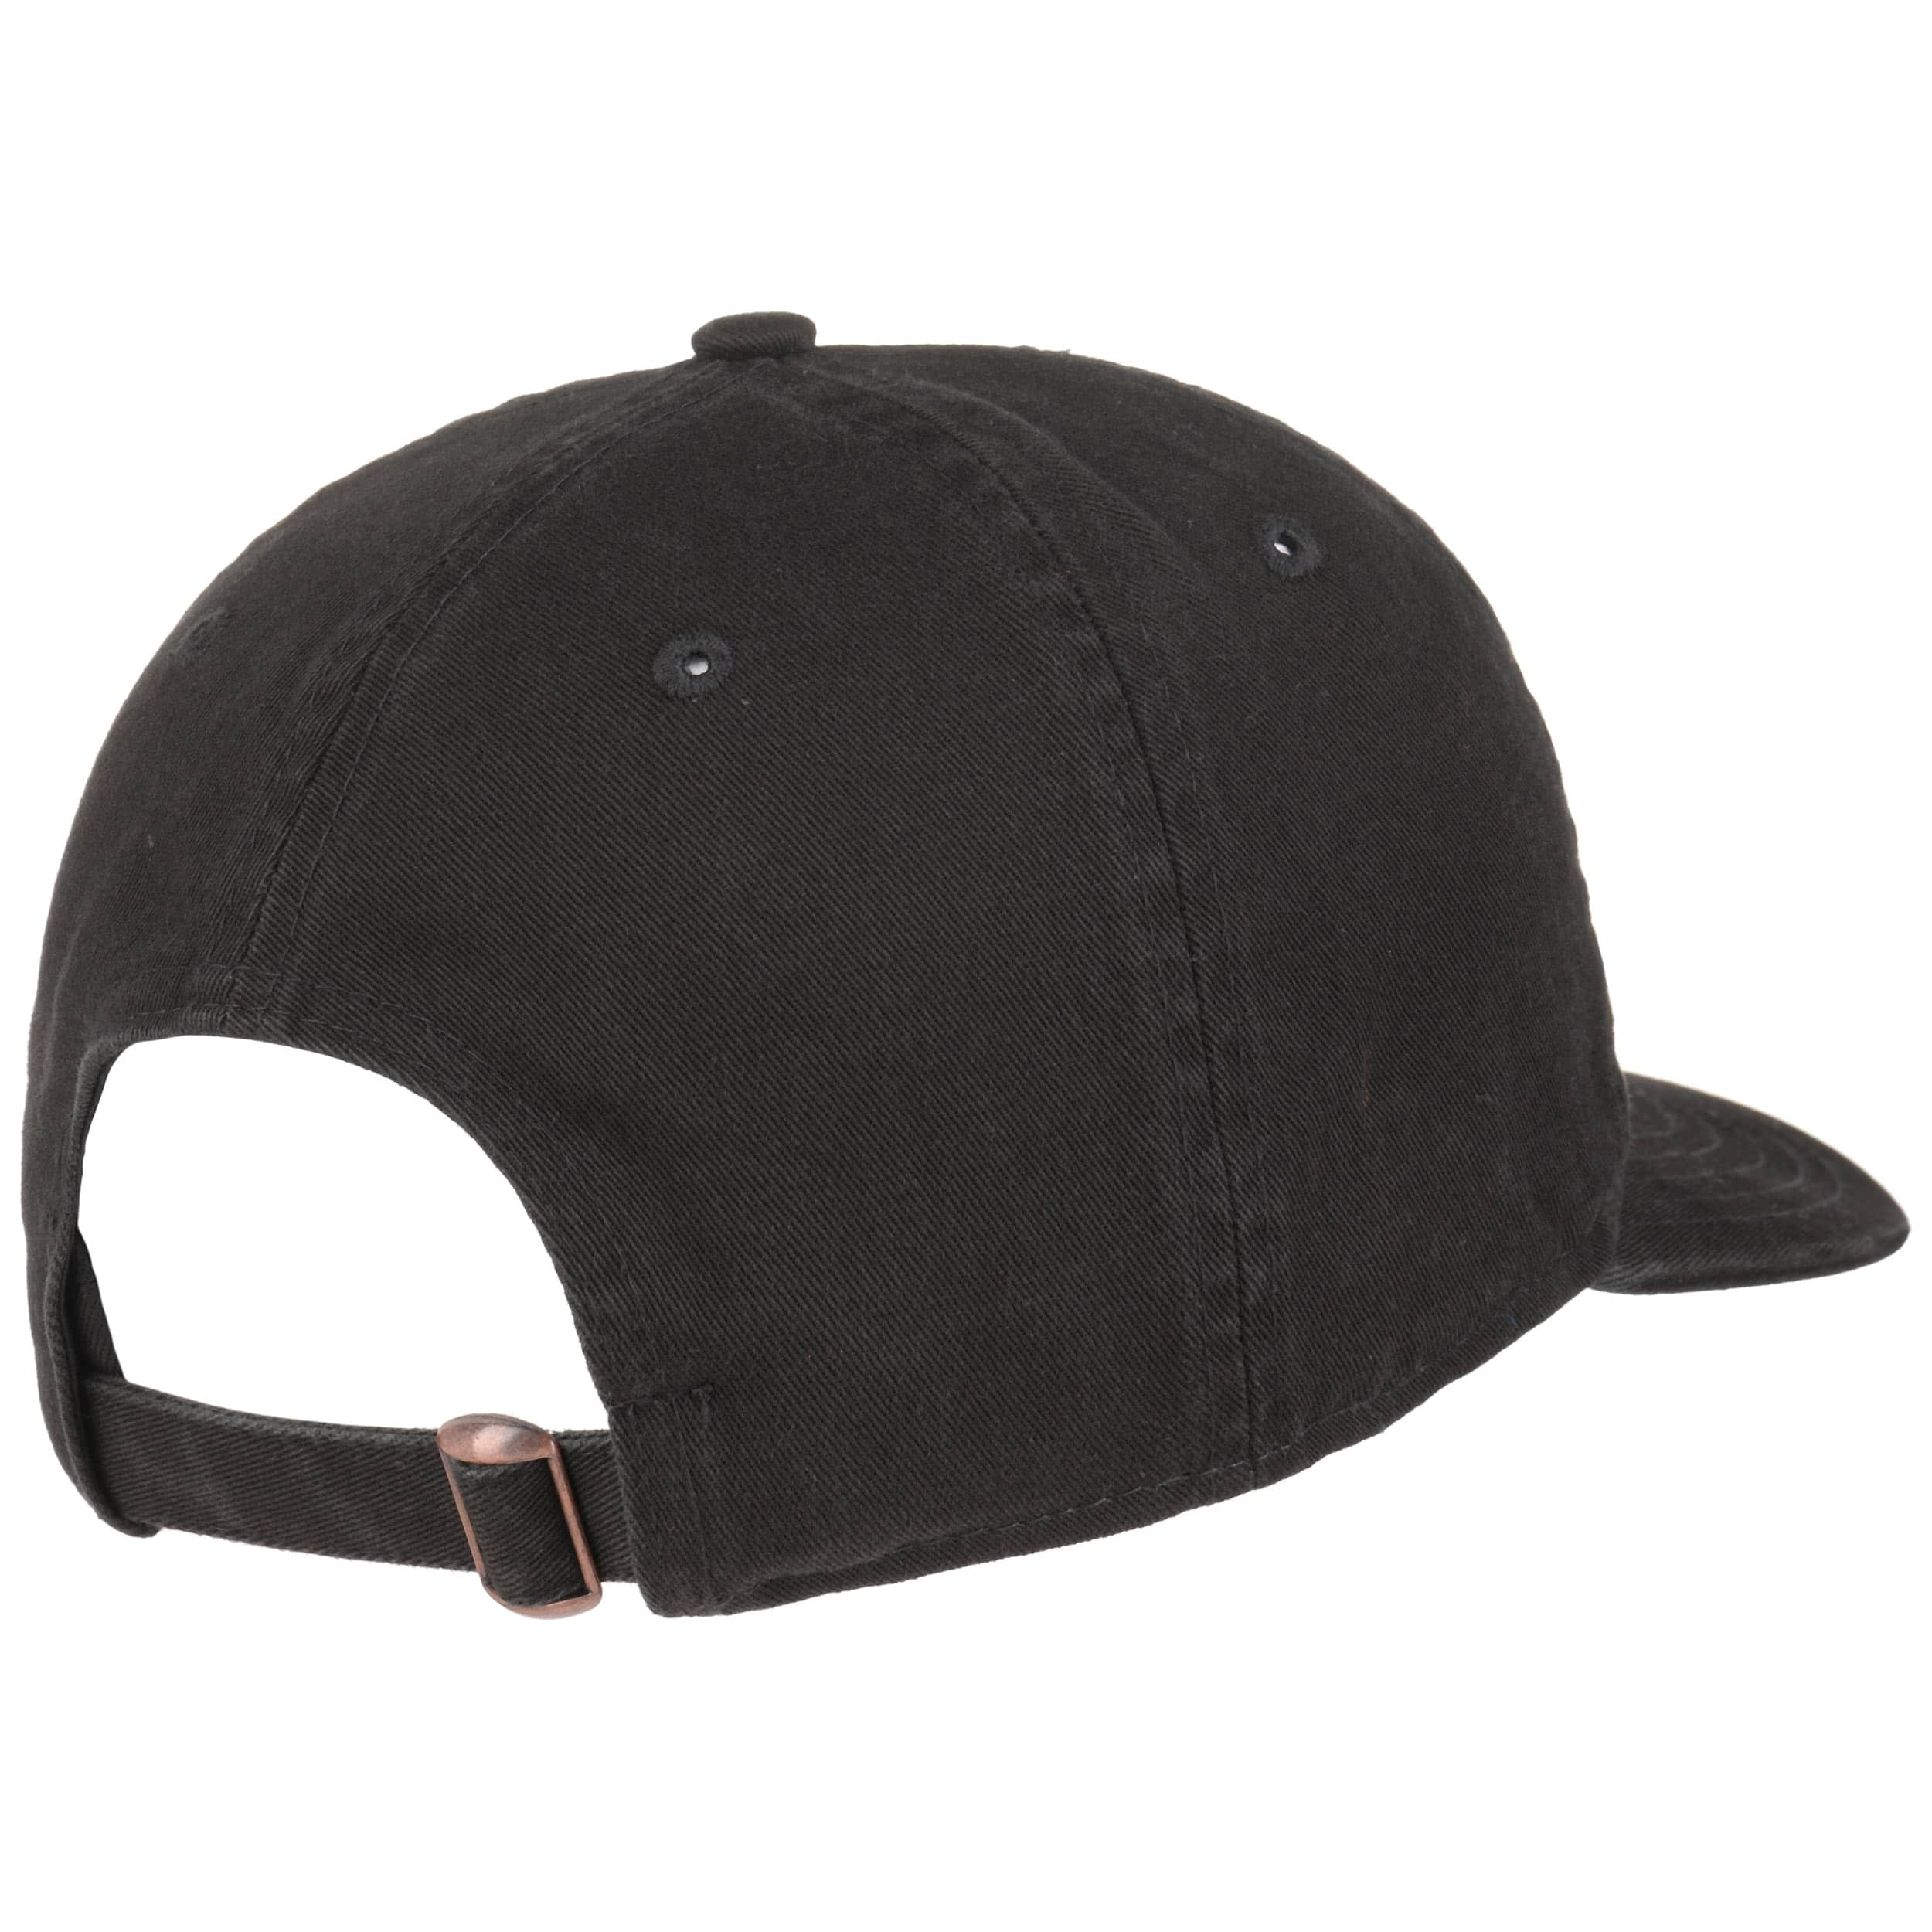 030c30a9e1f241 ... 9Fifty Low Crown NBA Logo Cap by New Era - black 3 ...